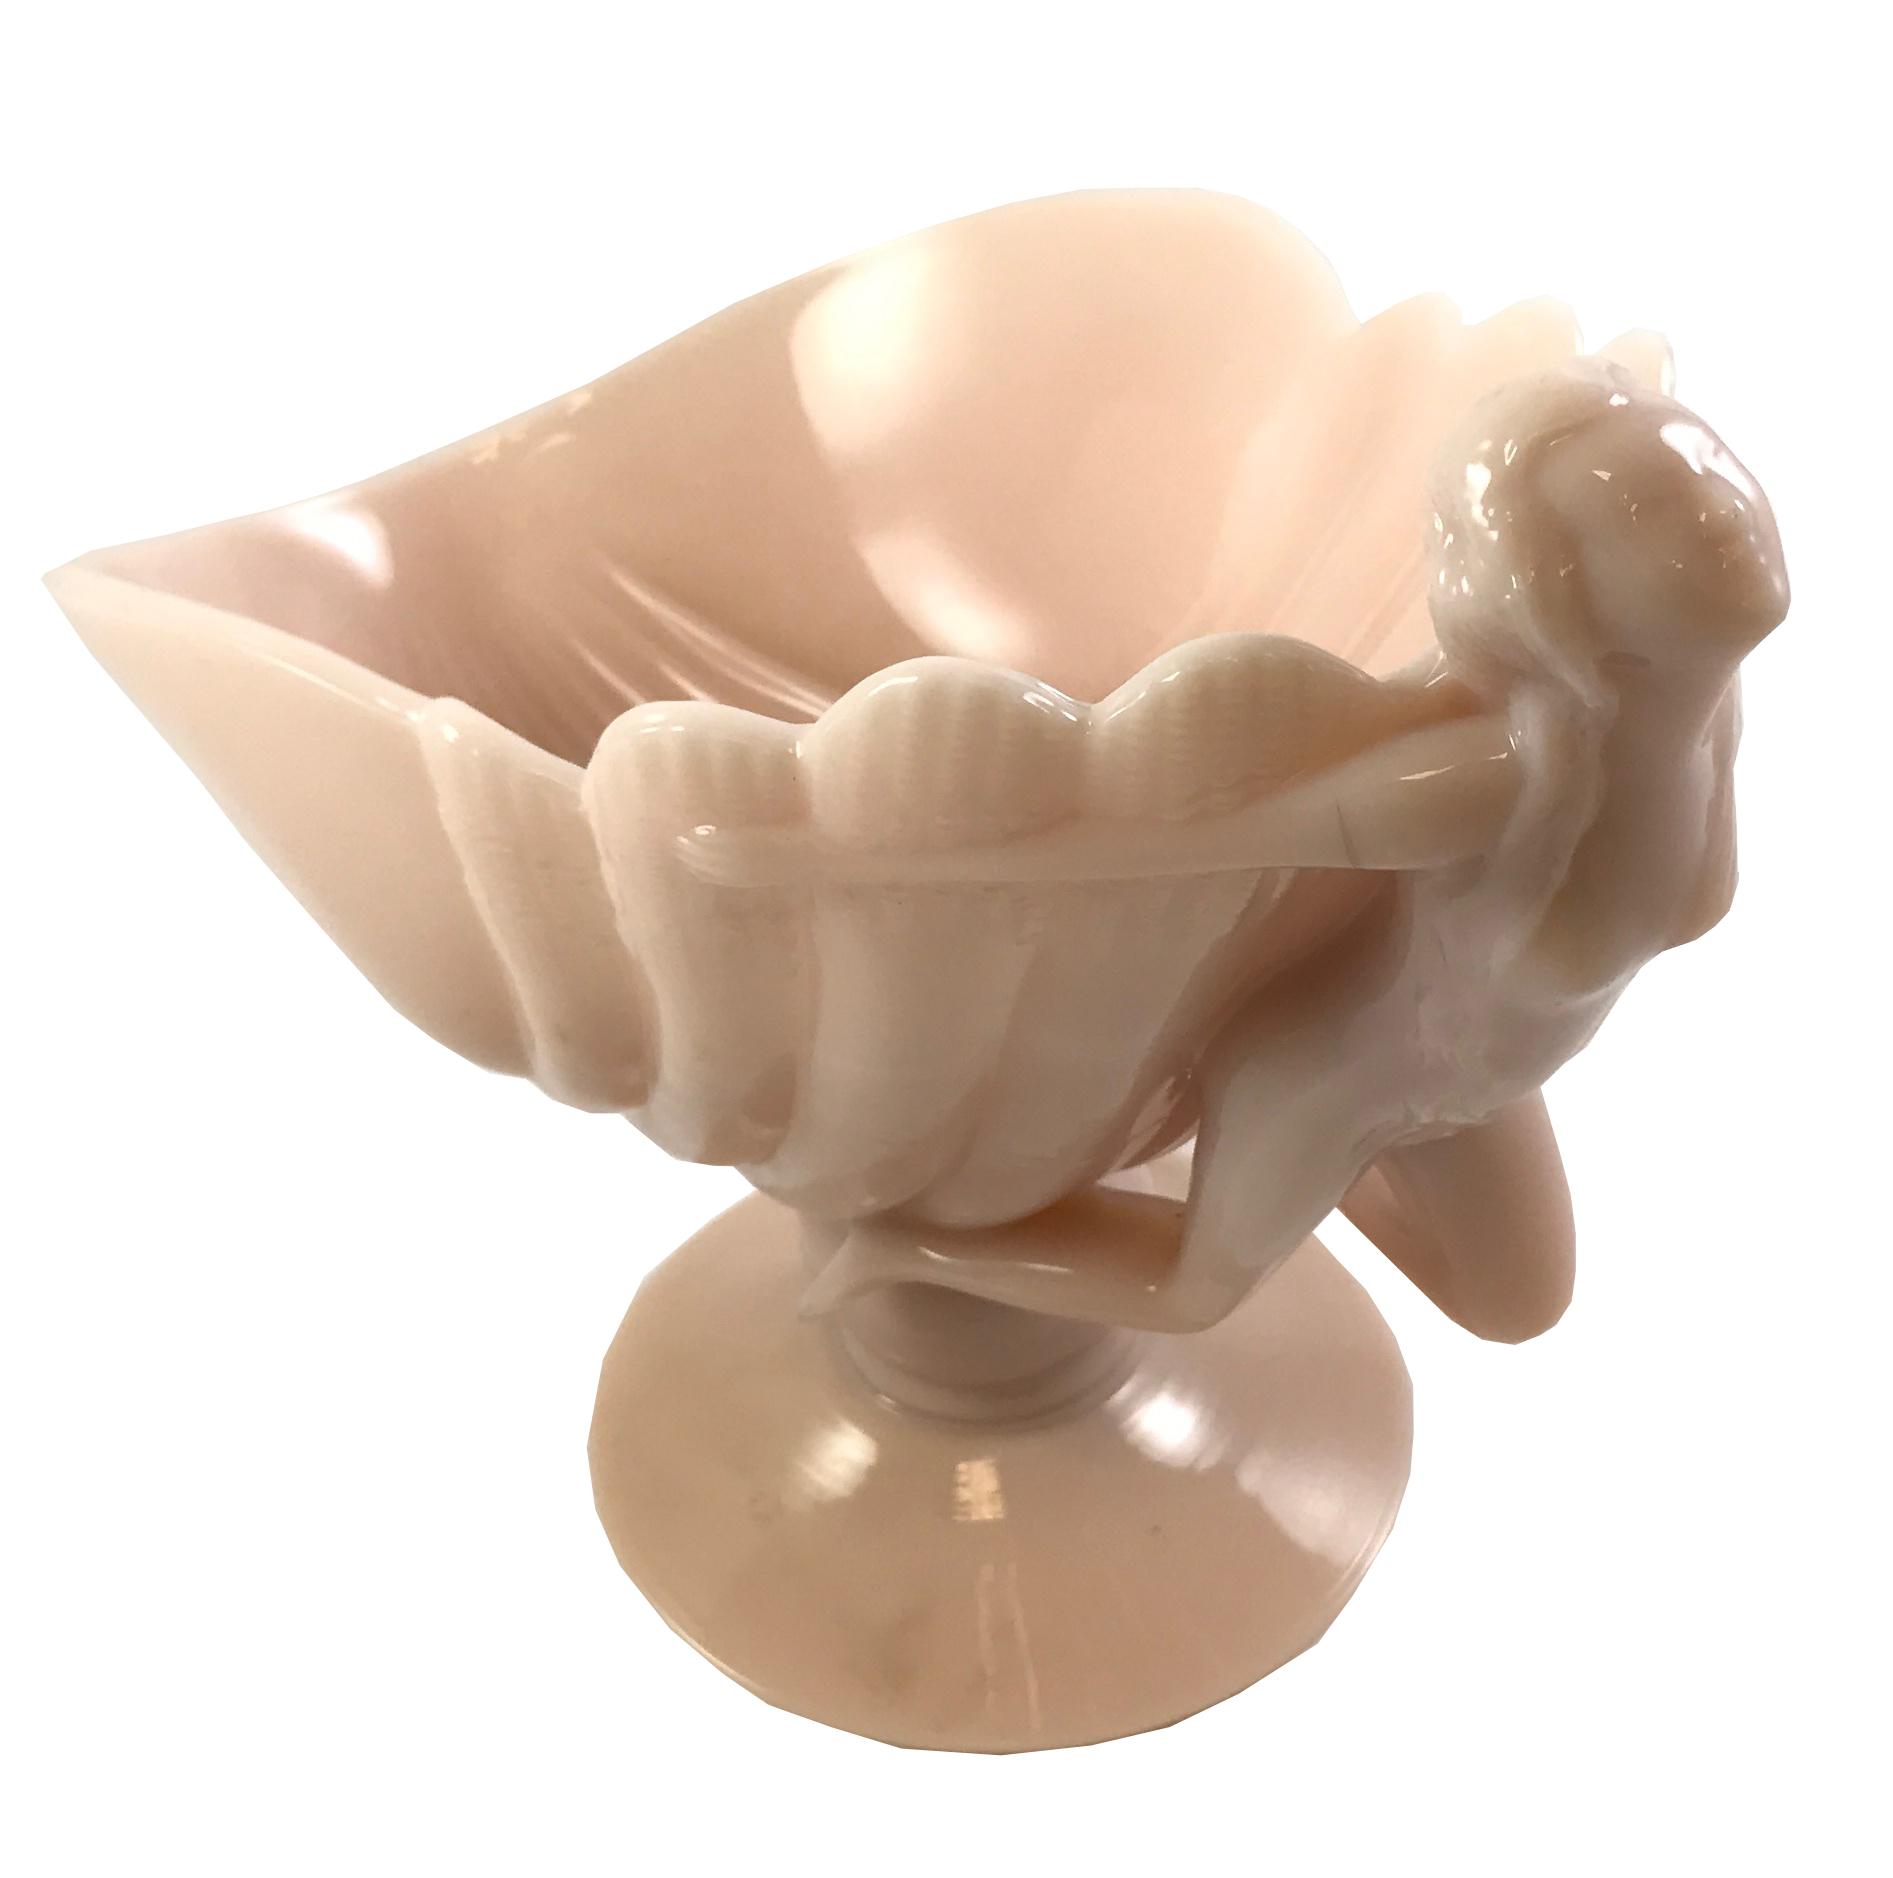 Cambridge Nude Centerpiece Bowl